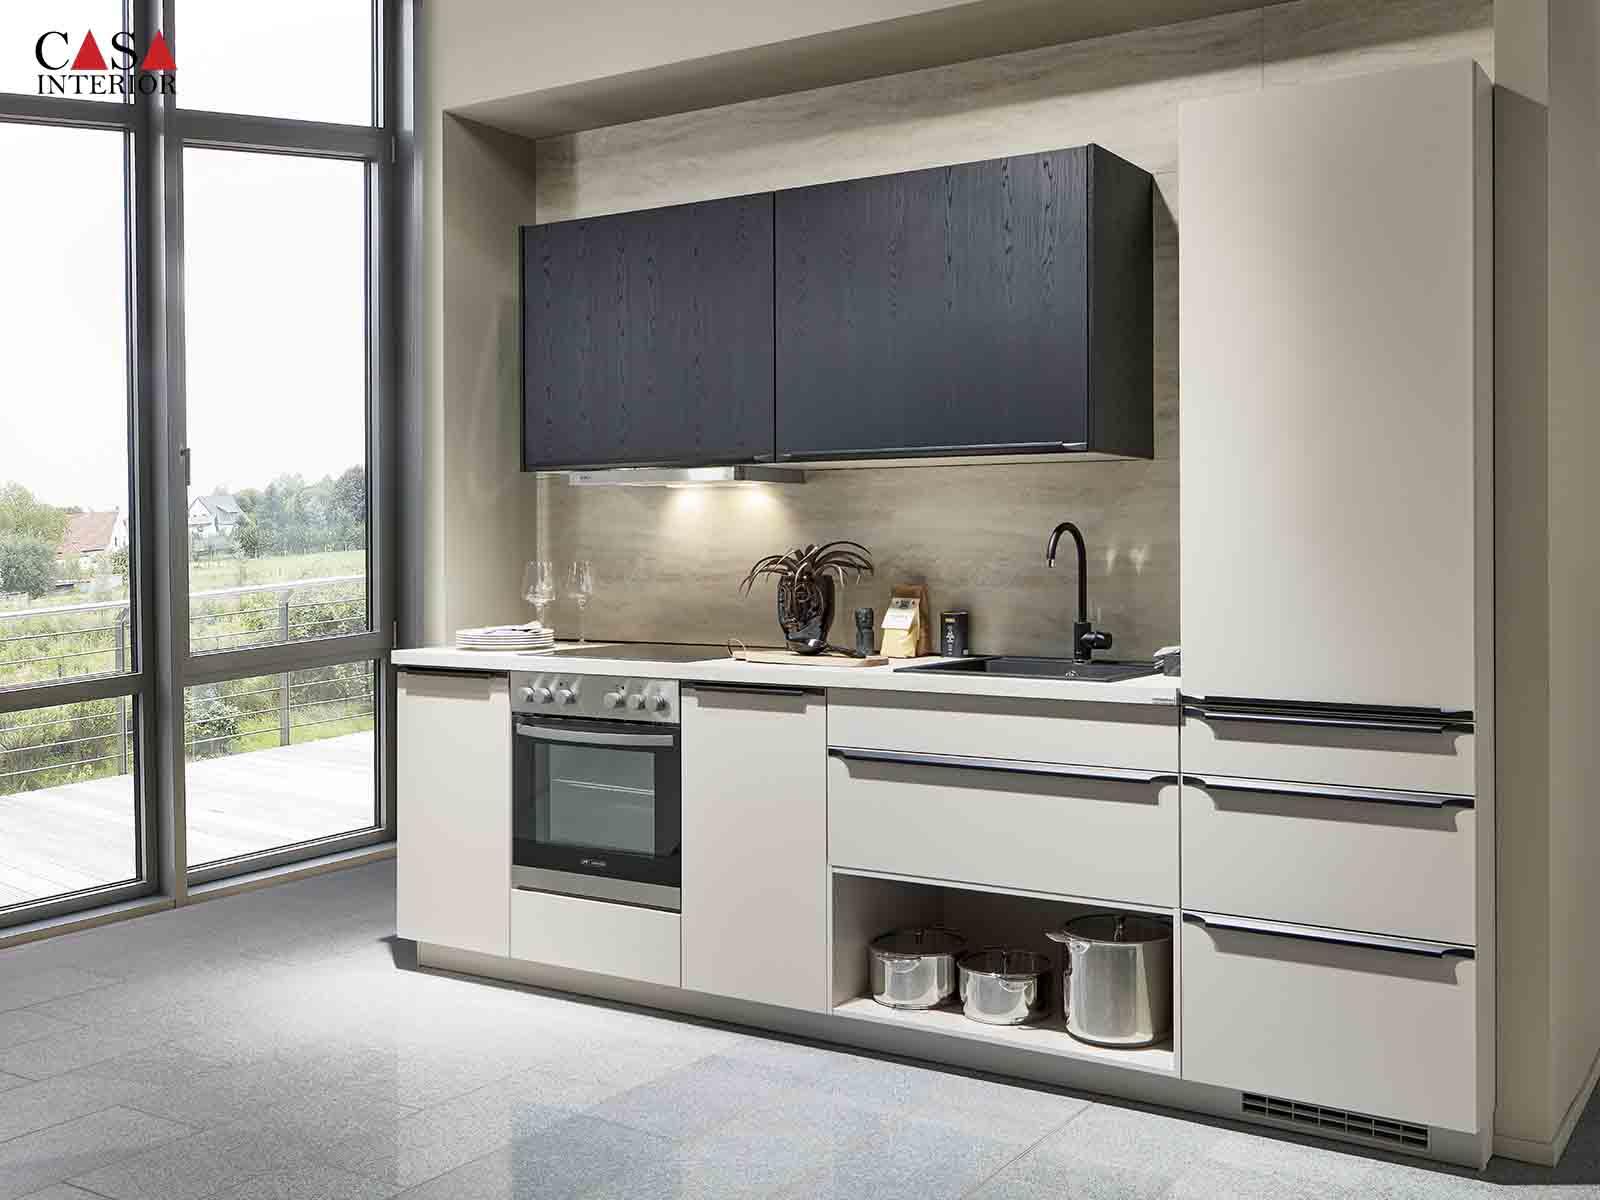 Küchentime Laser 415